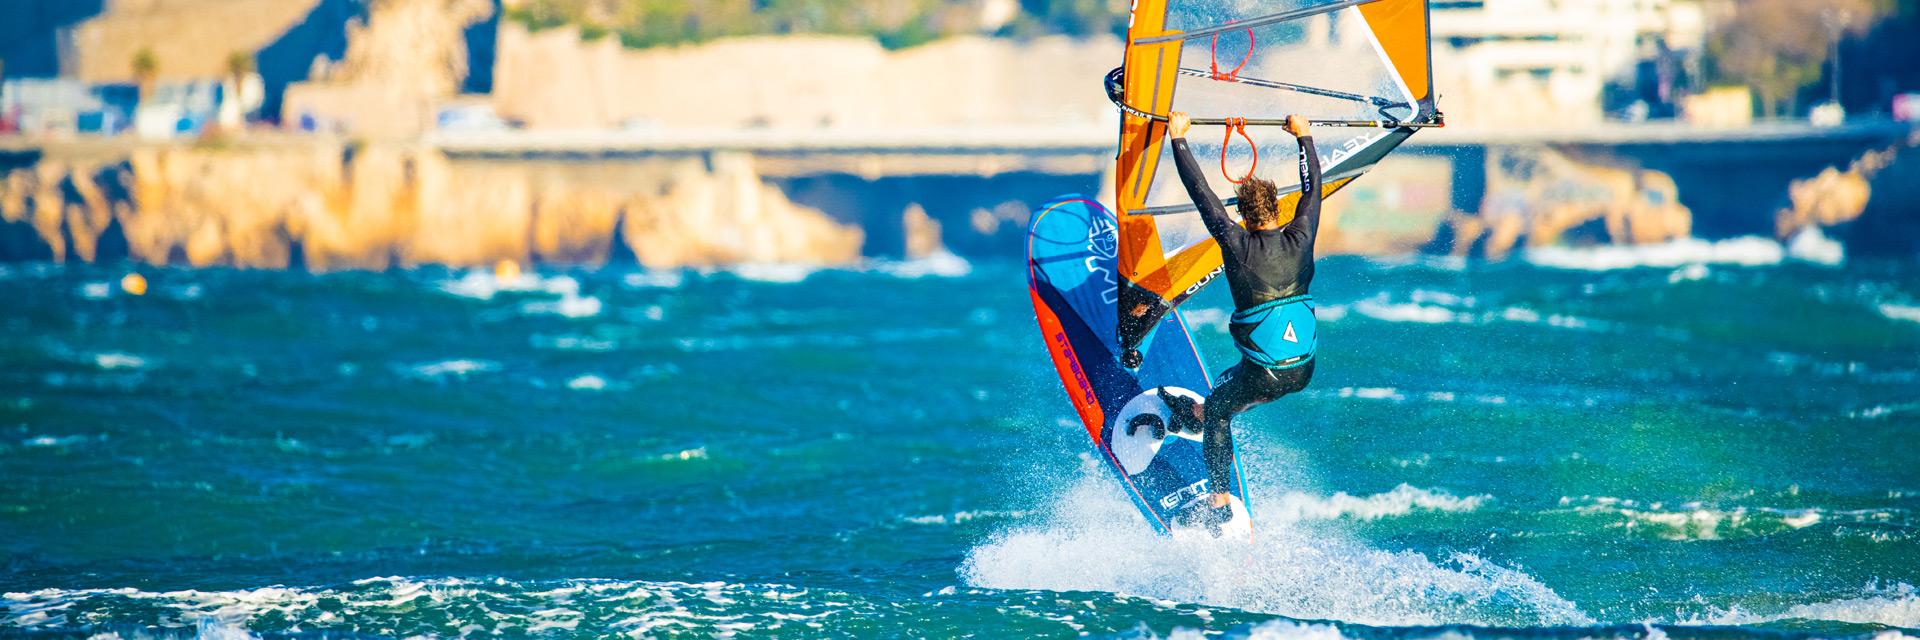 Steven van Broeckhoven Windsurf Trapez